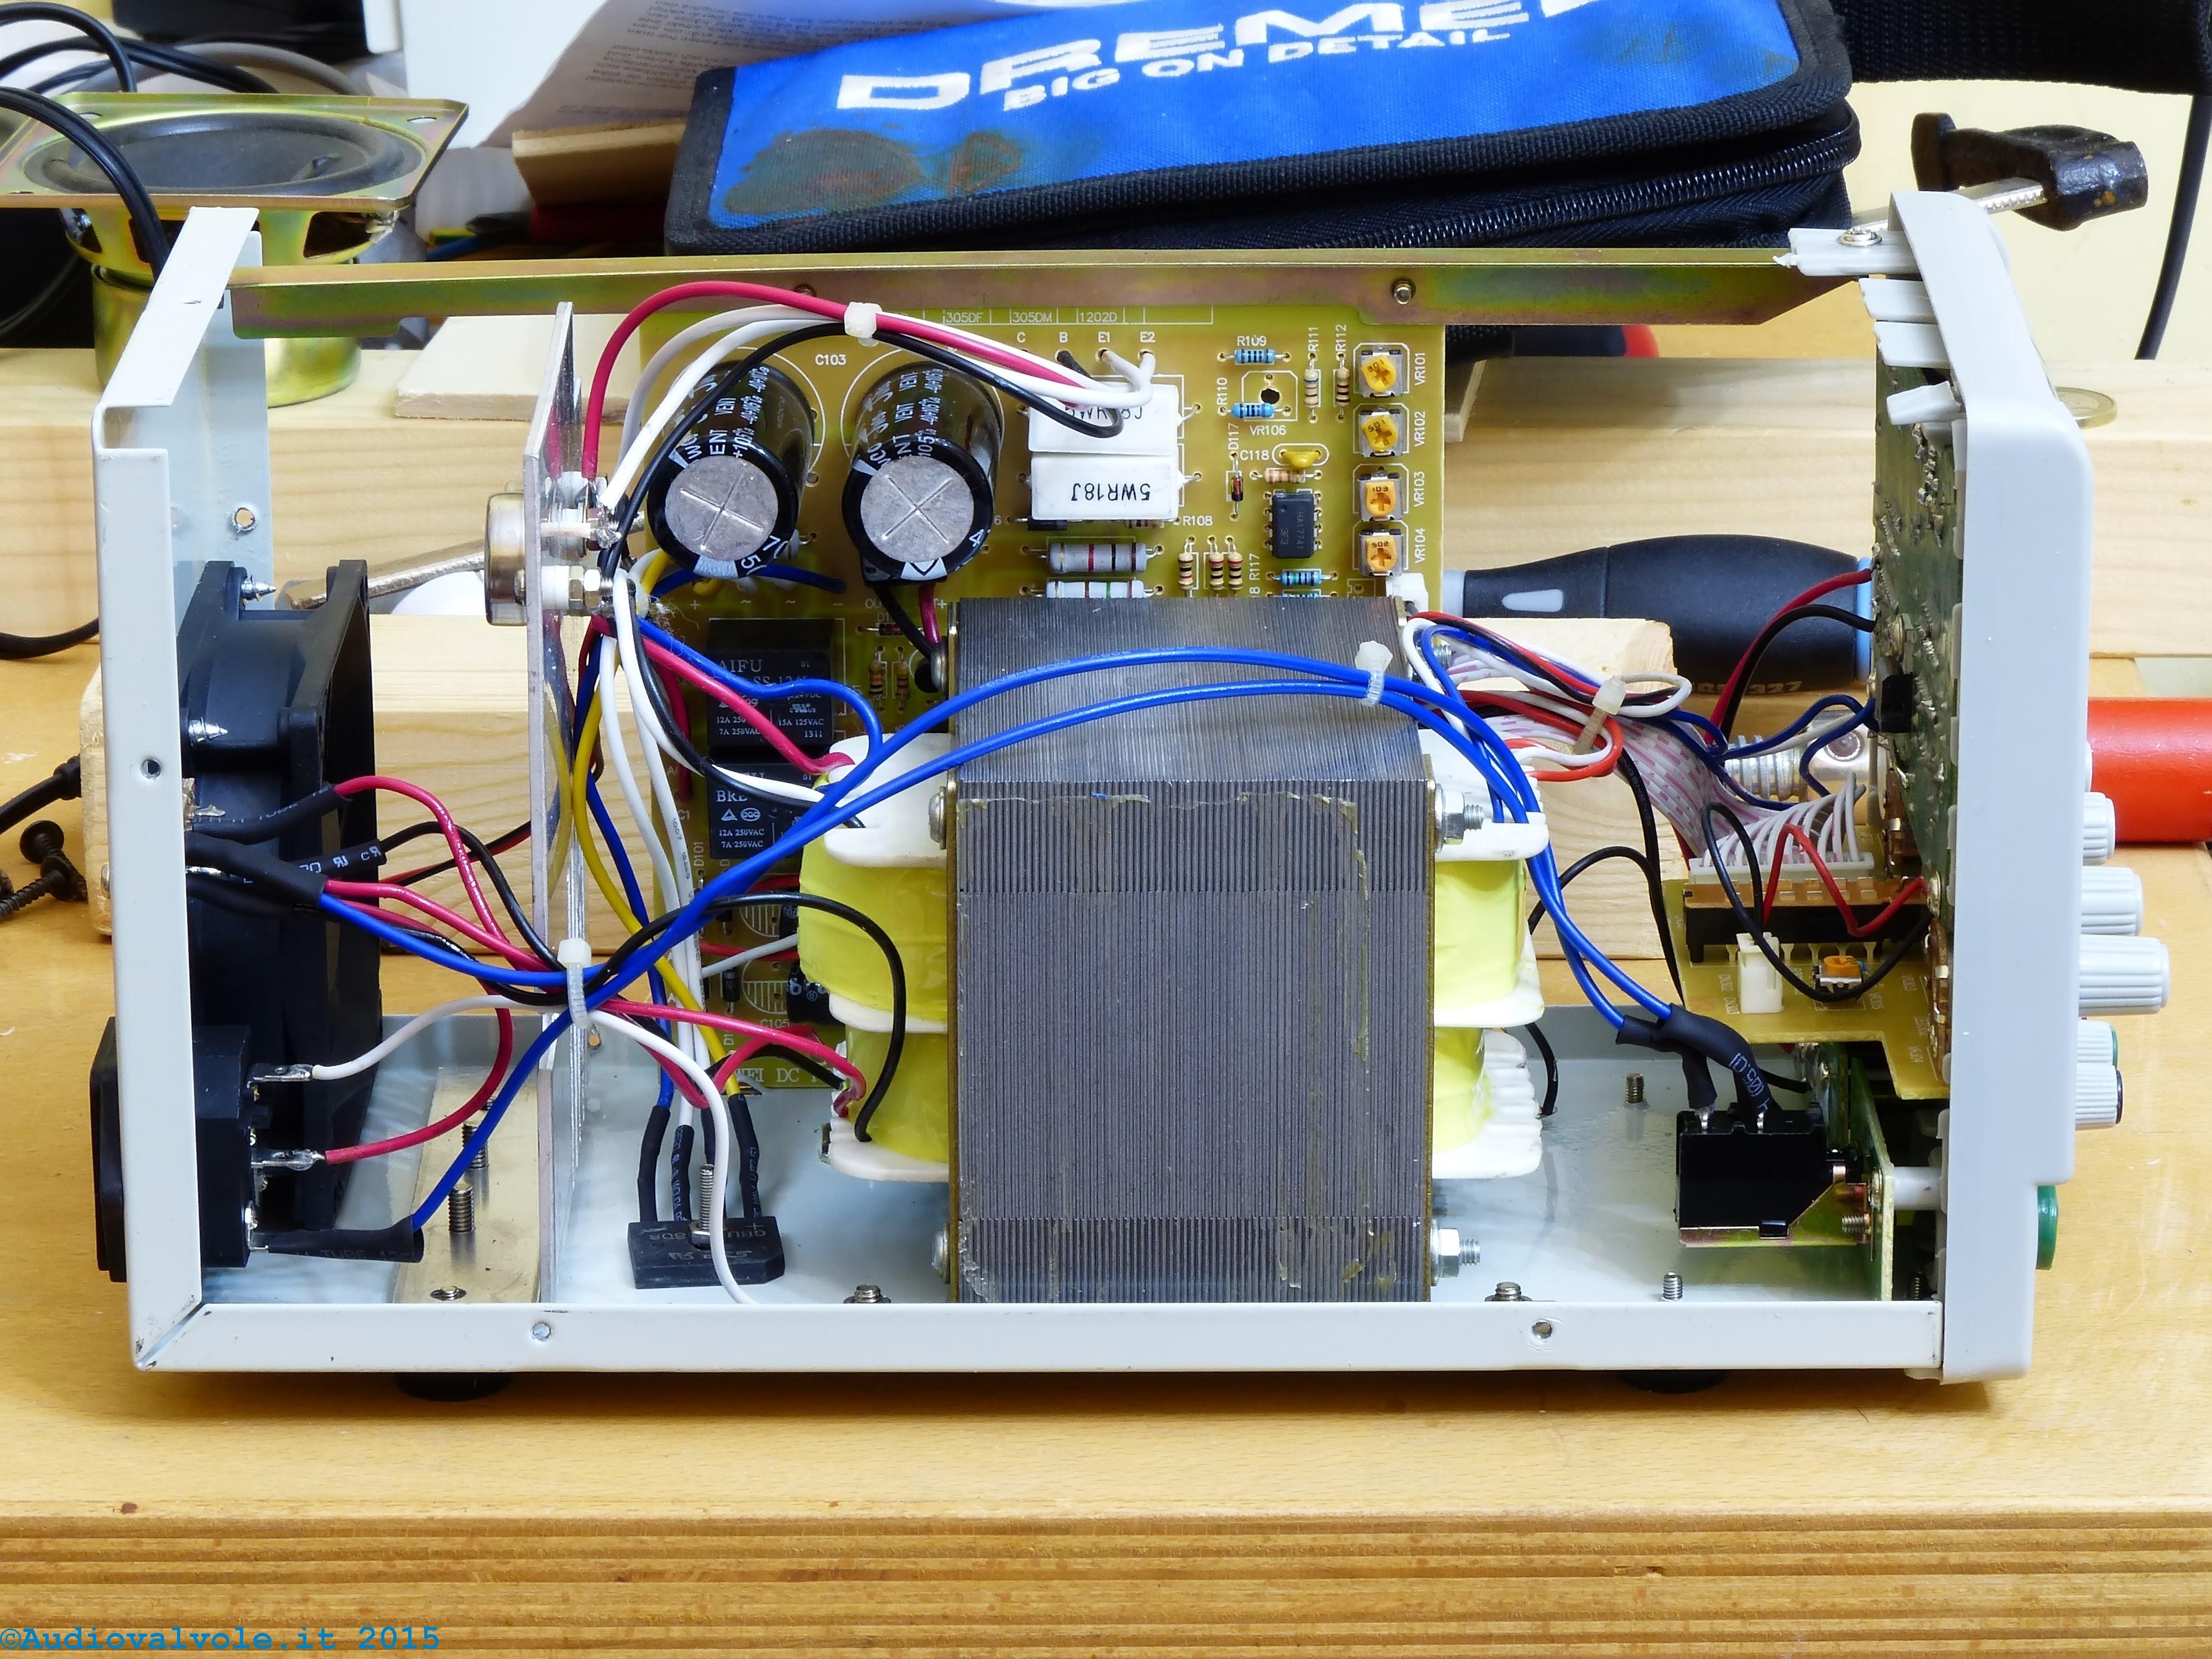 Schema Elettrico Alimentatore Pc Atx : Alimentatore ps d v a per laboratorio